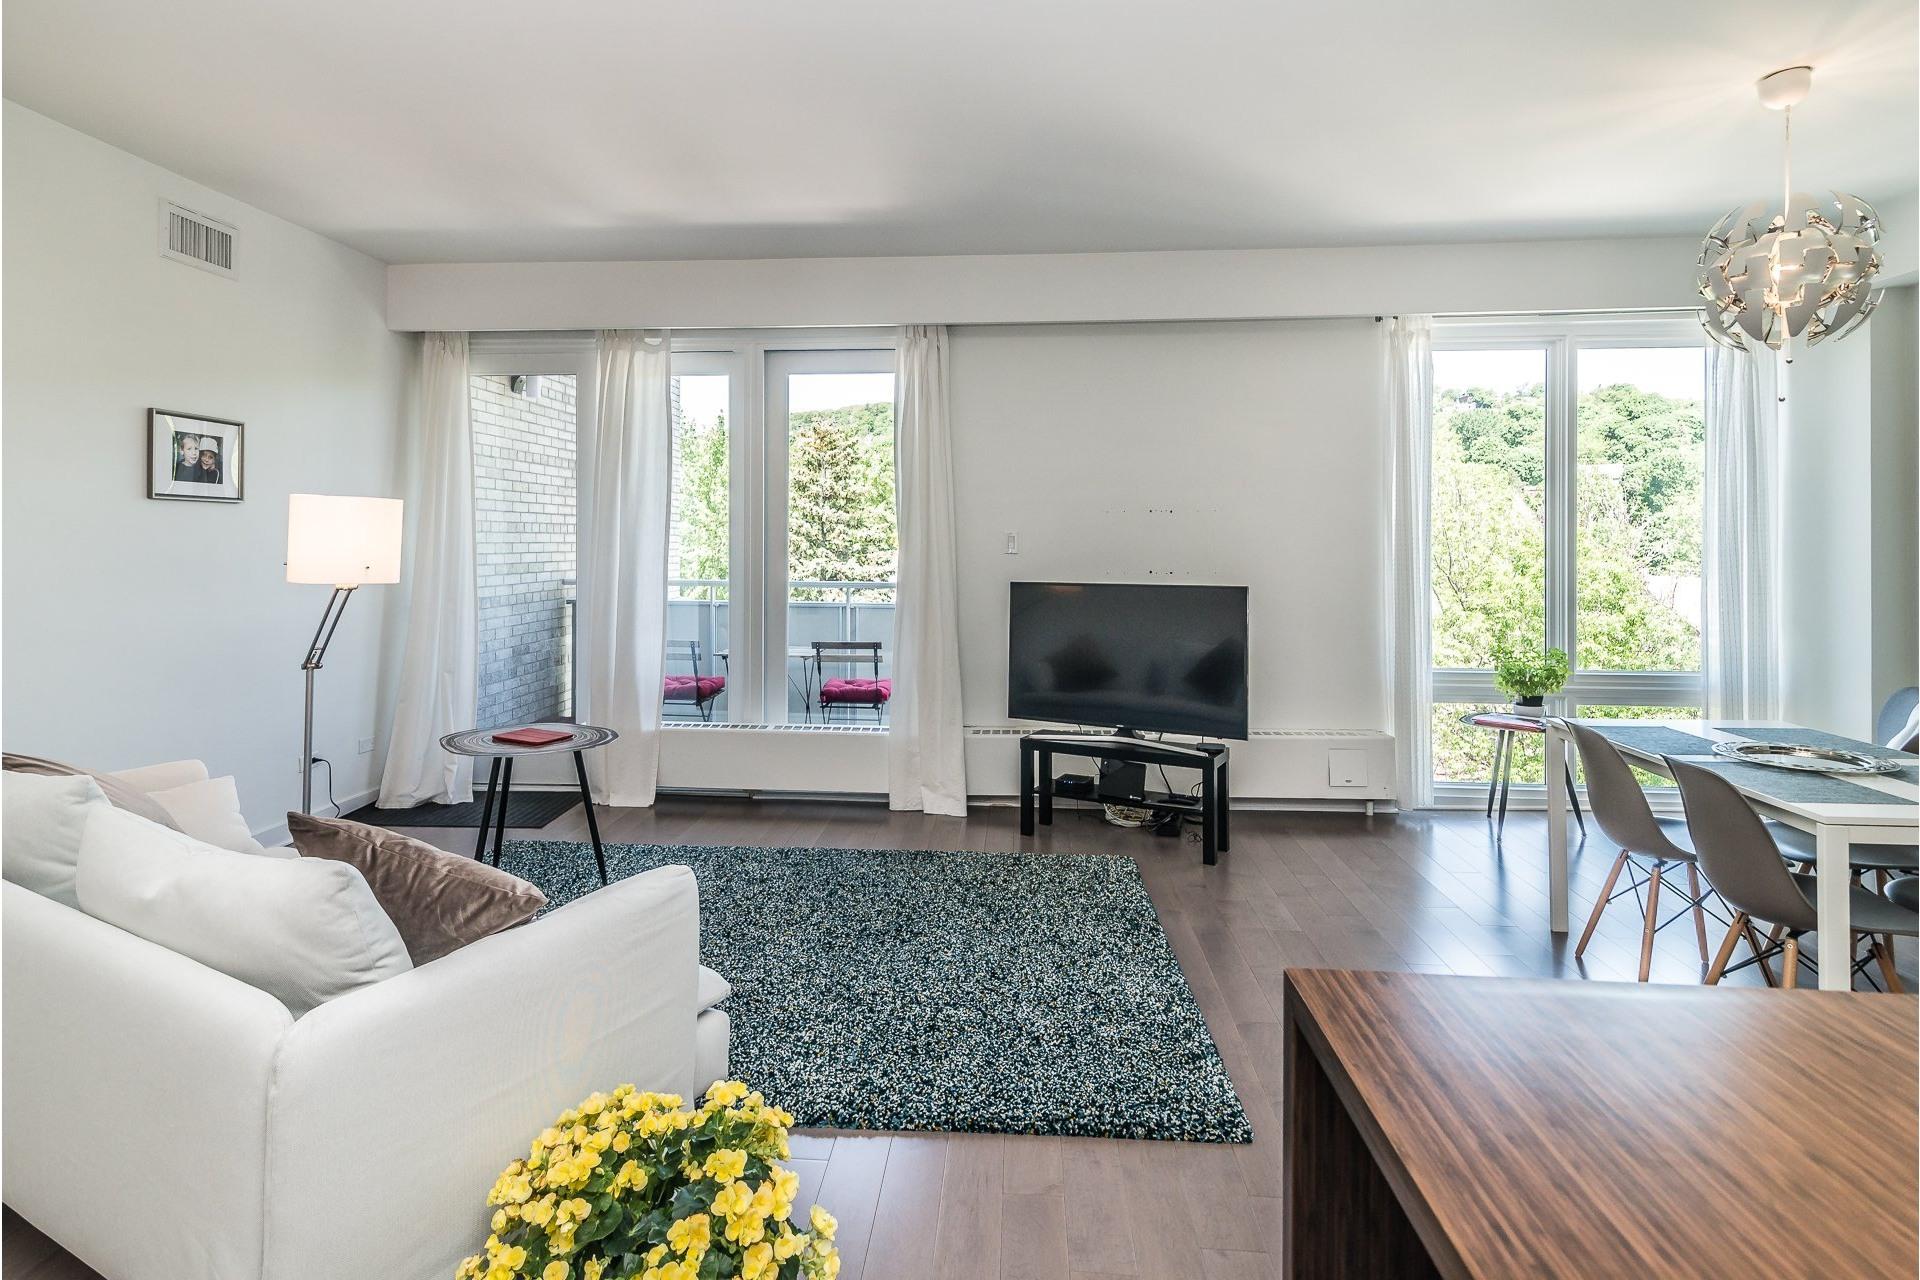 image 5 - Appartement À louer Westmount - 7 pièces